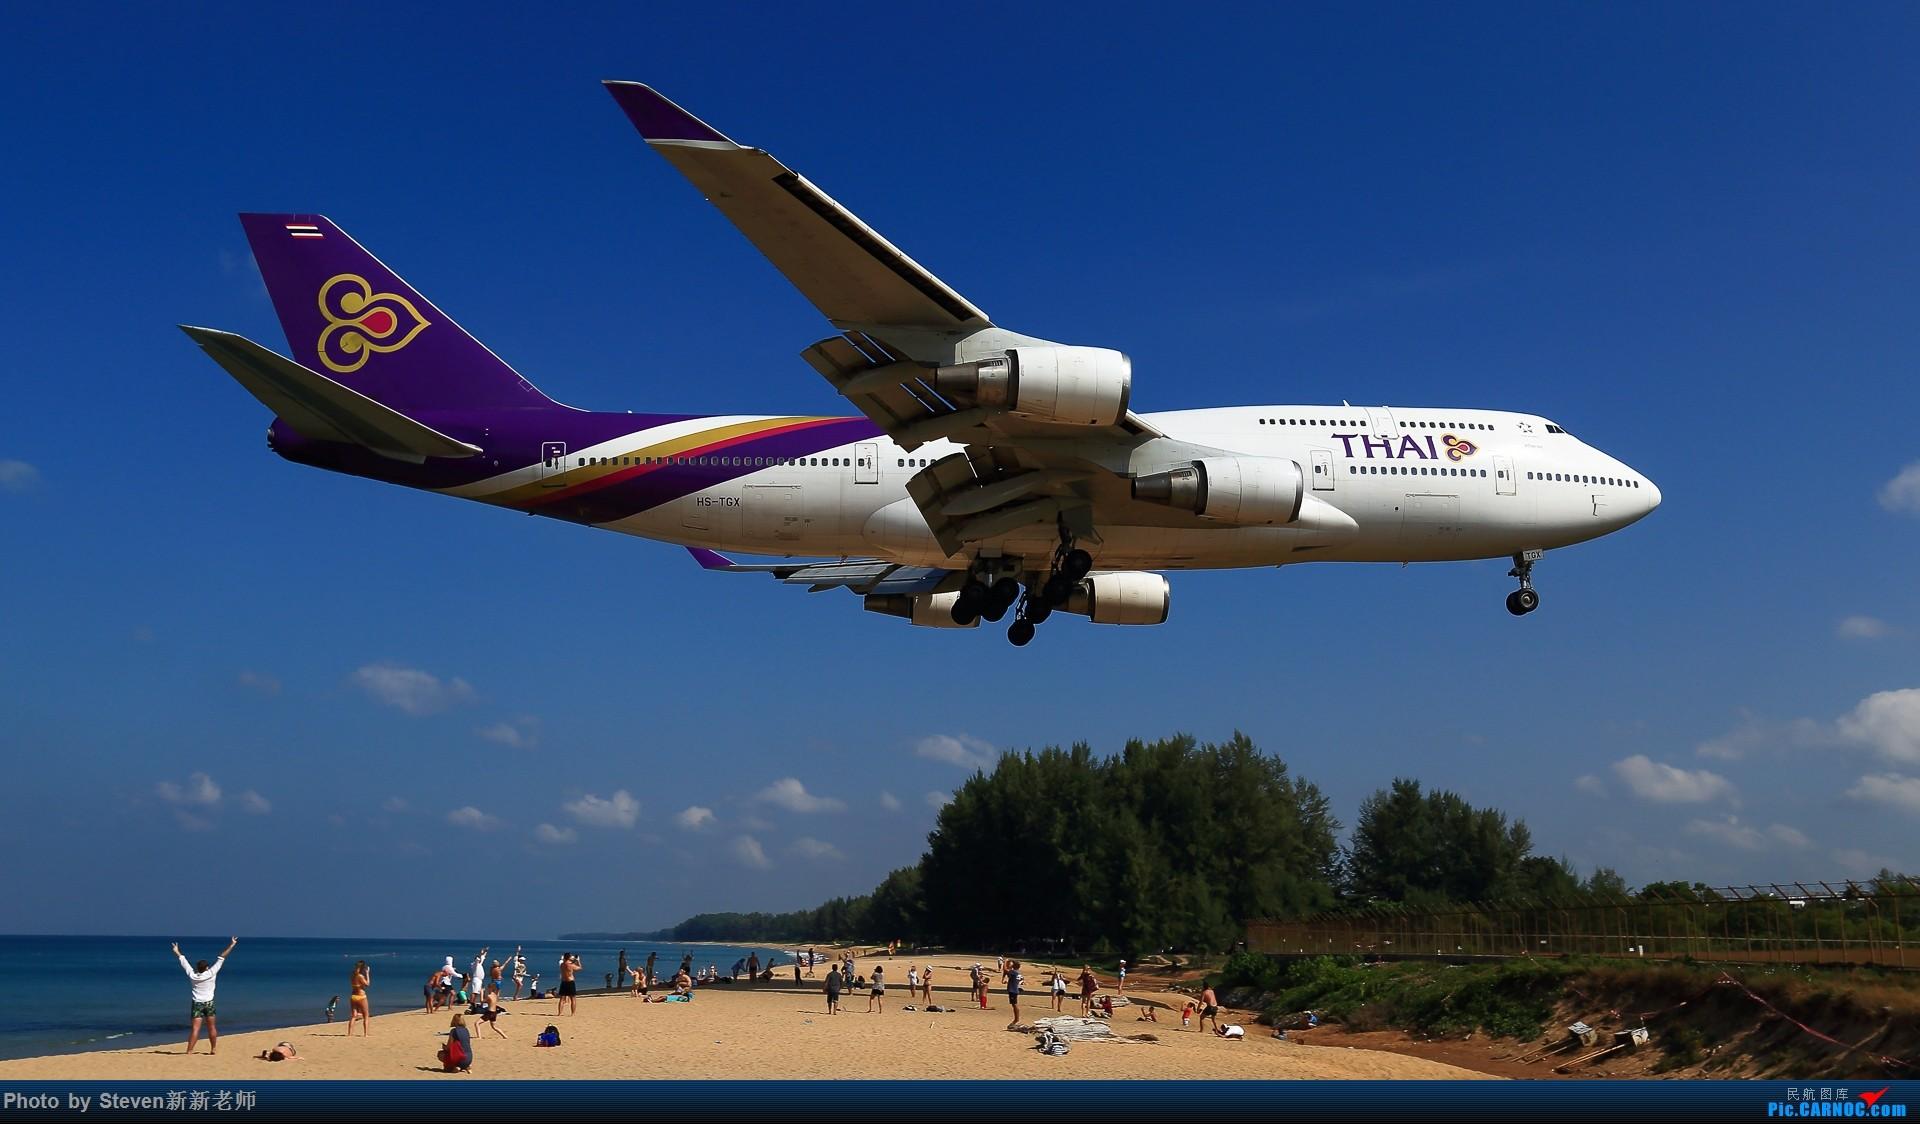 """Re:[原创]亚洲""""圣马丁岛""""—普吉国际机场拍机 BOEING 747-400 HS-TGX 泰国普吉机场"""